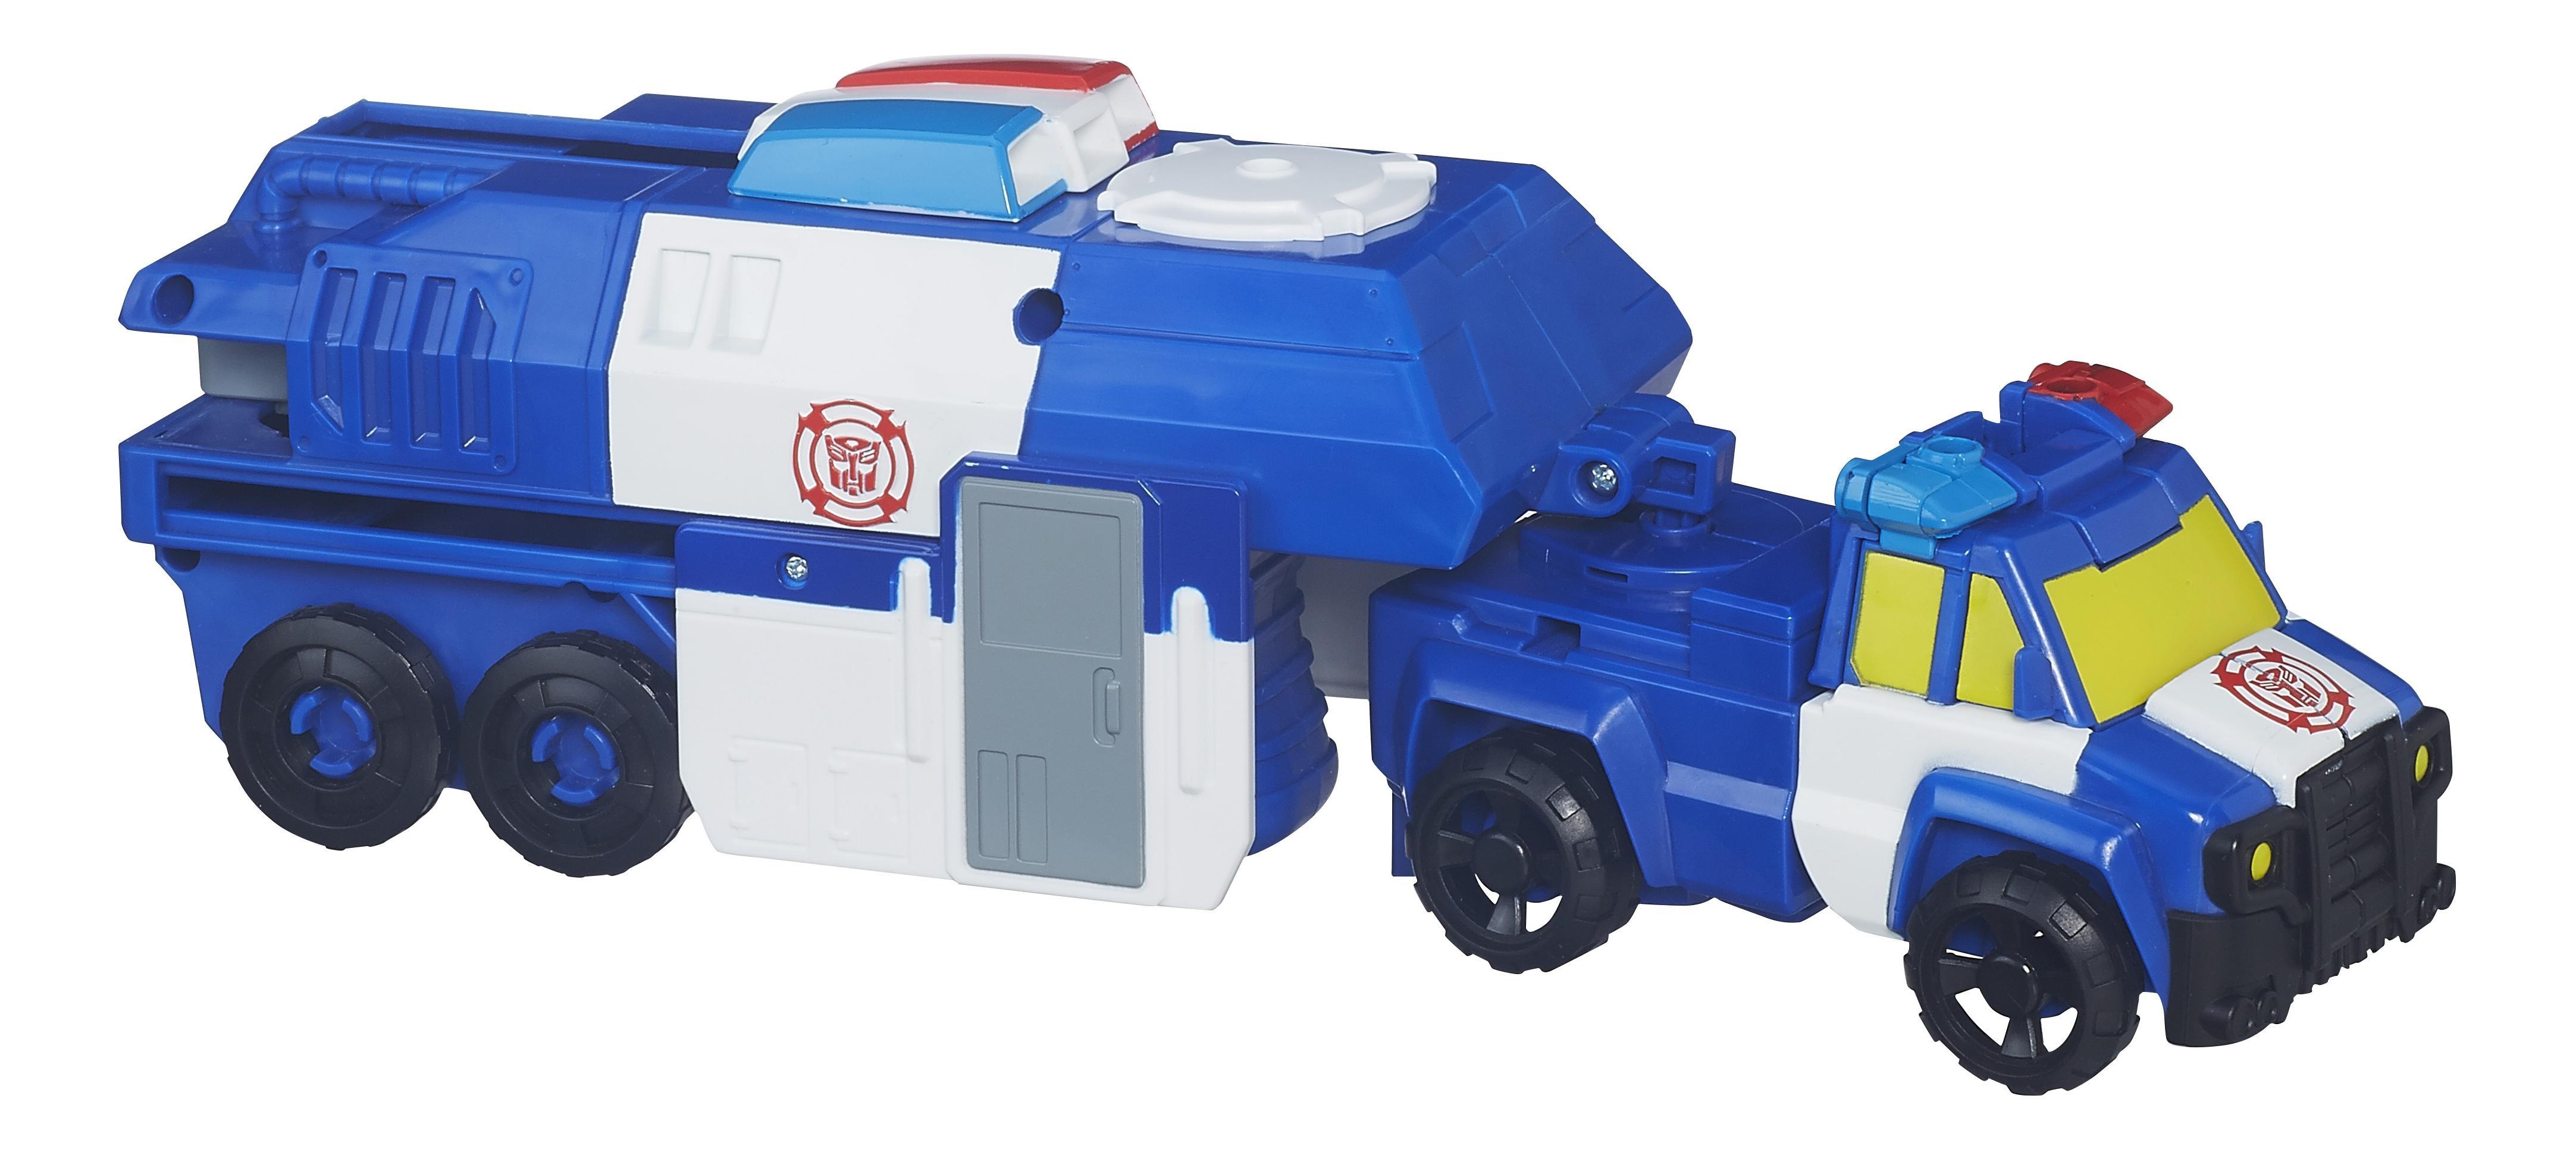 Купить Трансформеры спасатели: машинки-спасатели b4951 b4953, Transformers, Игровые наборы